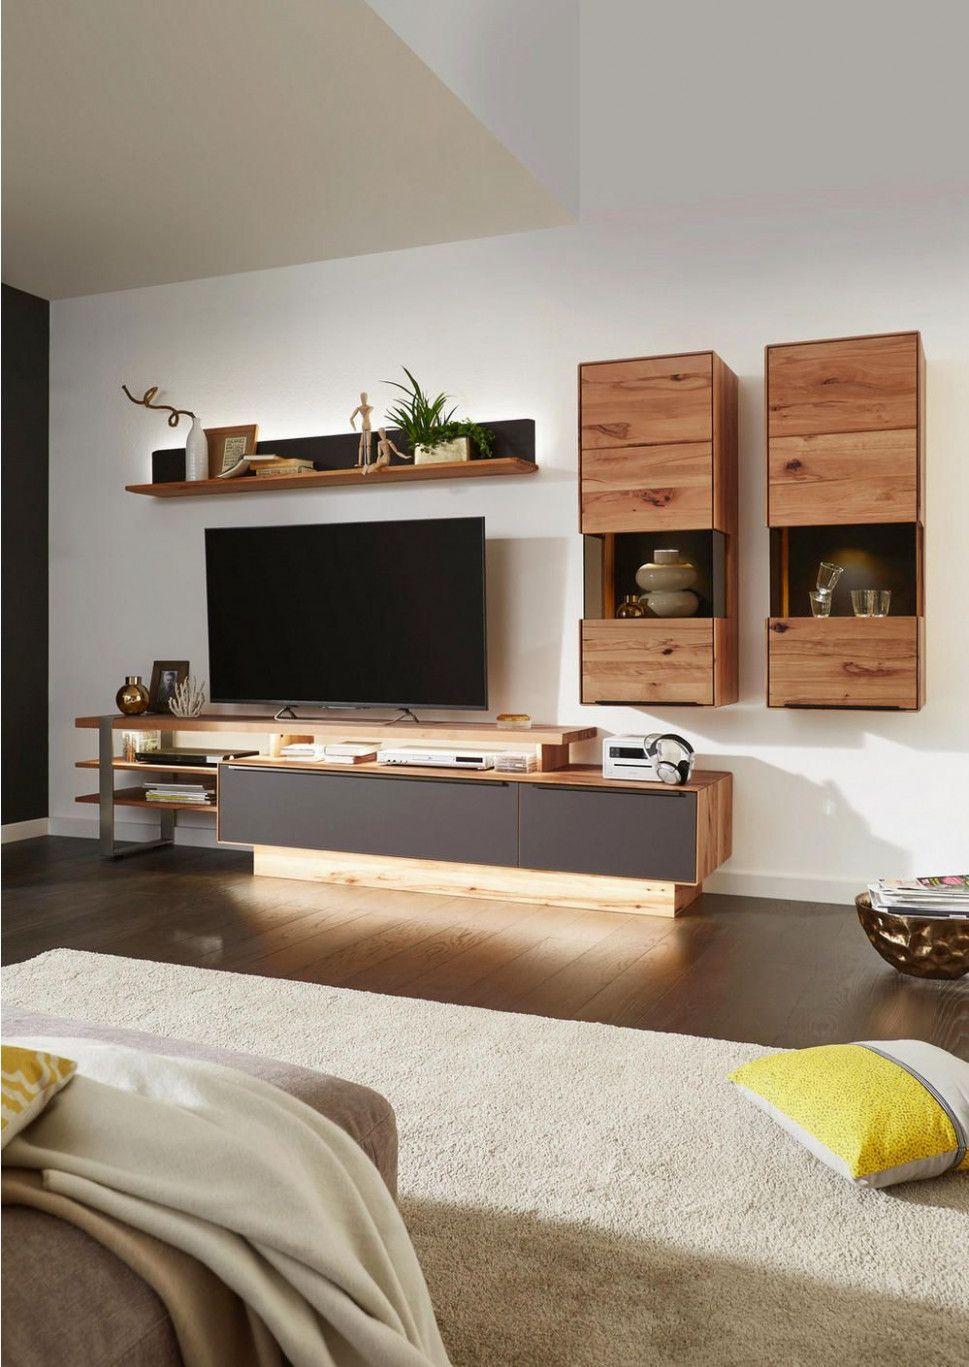 8 Wohnzimmer Design Holz  Wohnwand braun, Wohnen, Wohnzimmer modern